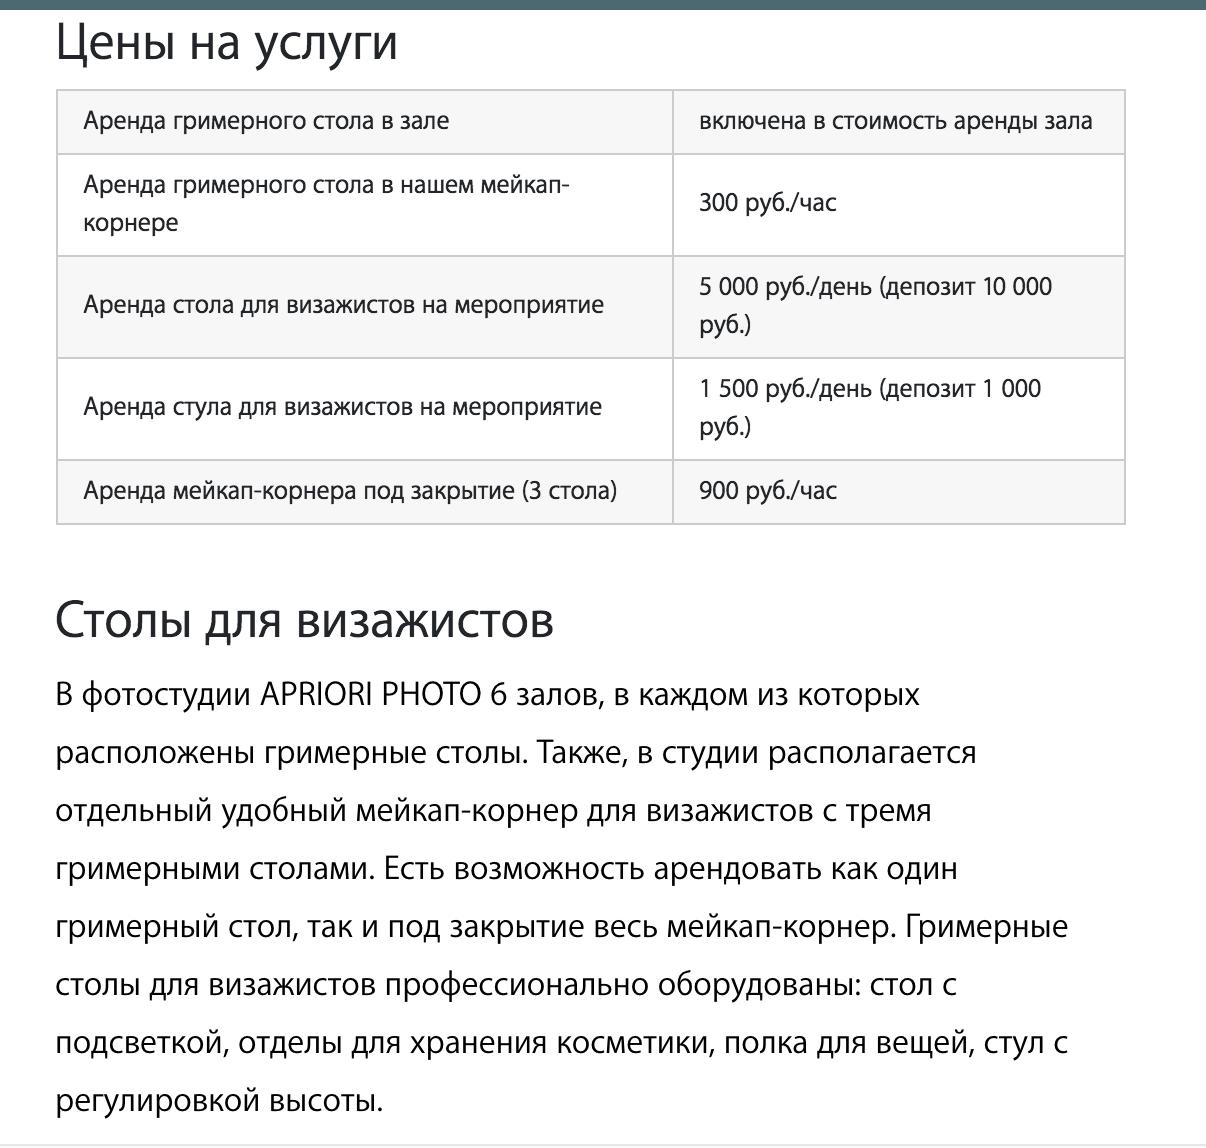 Цены на аренду мейкап-корнера в московской фотостудии. Источник: apriori.photo